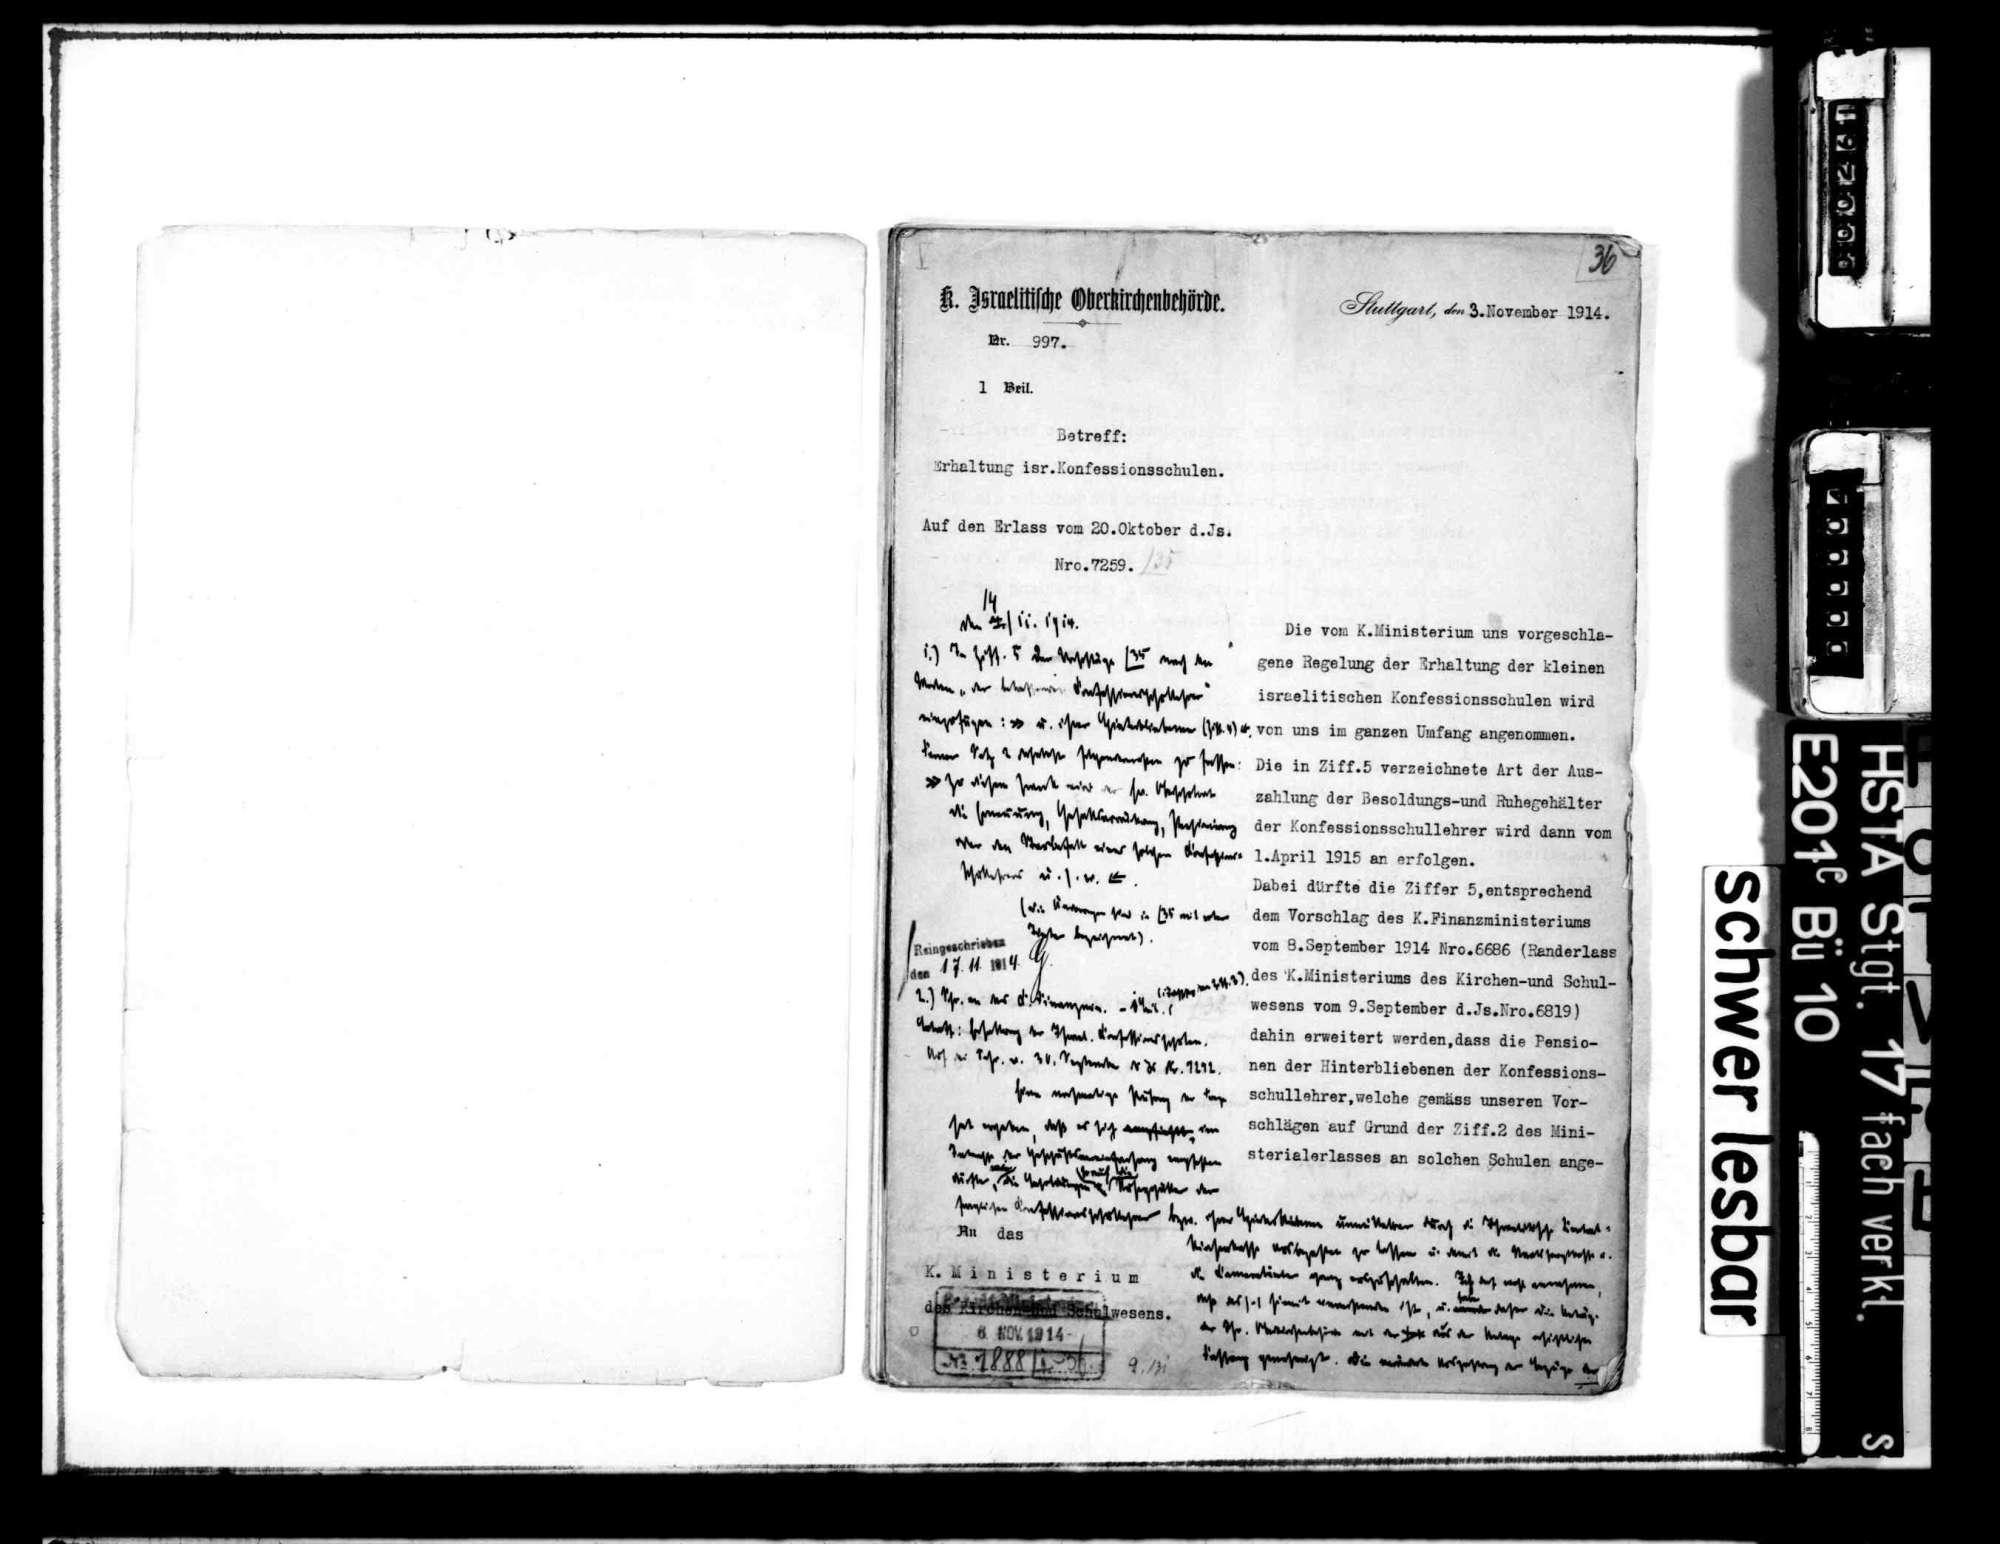 Neuordnung der israelitischen Kirchenorganisation: Vereinfachung des Geschäftsbetriebs der israelitischen Oberkirchenbehörde, Neuordnung der Schulorganisation, der Gehealtsverhältnisse der Rabbiner, Vorsänger und Schullehrer, Bild 2